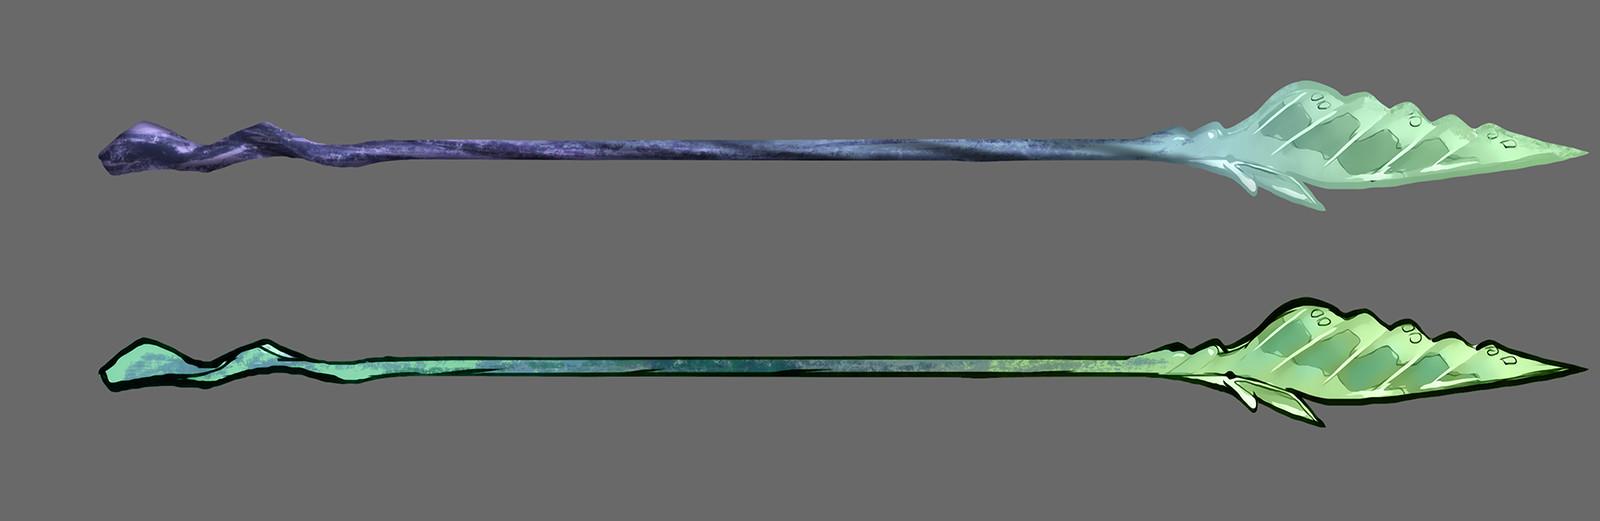 Kelsey martin kalista spear small